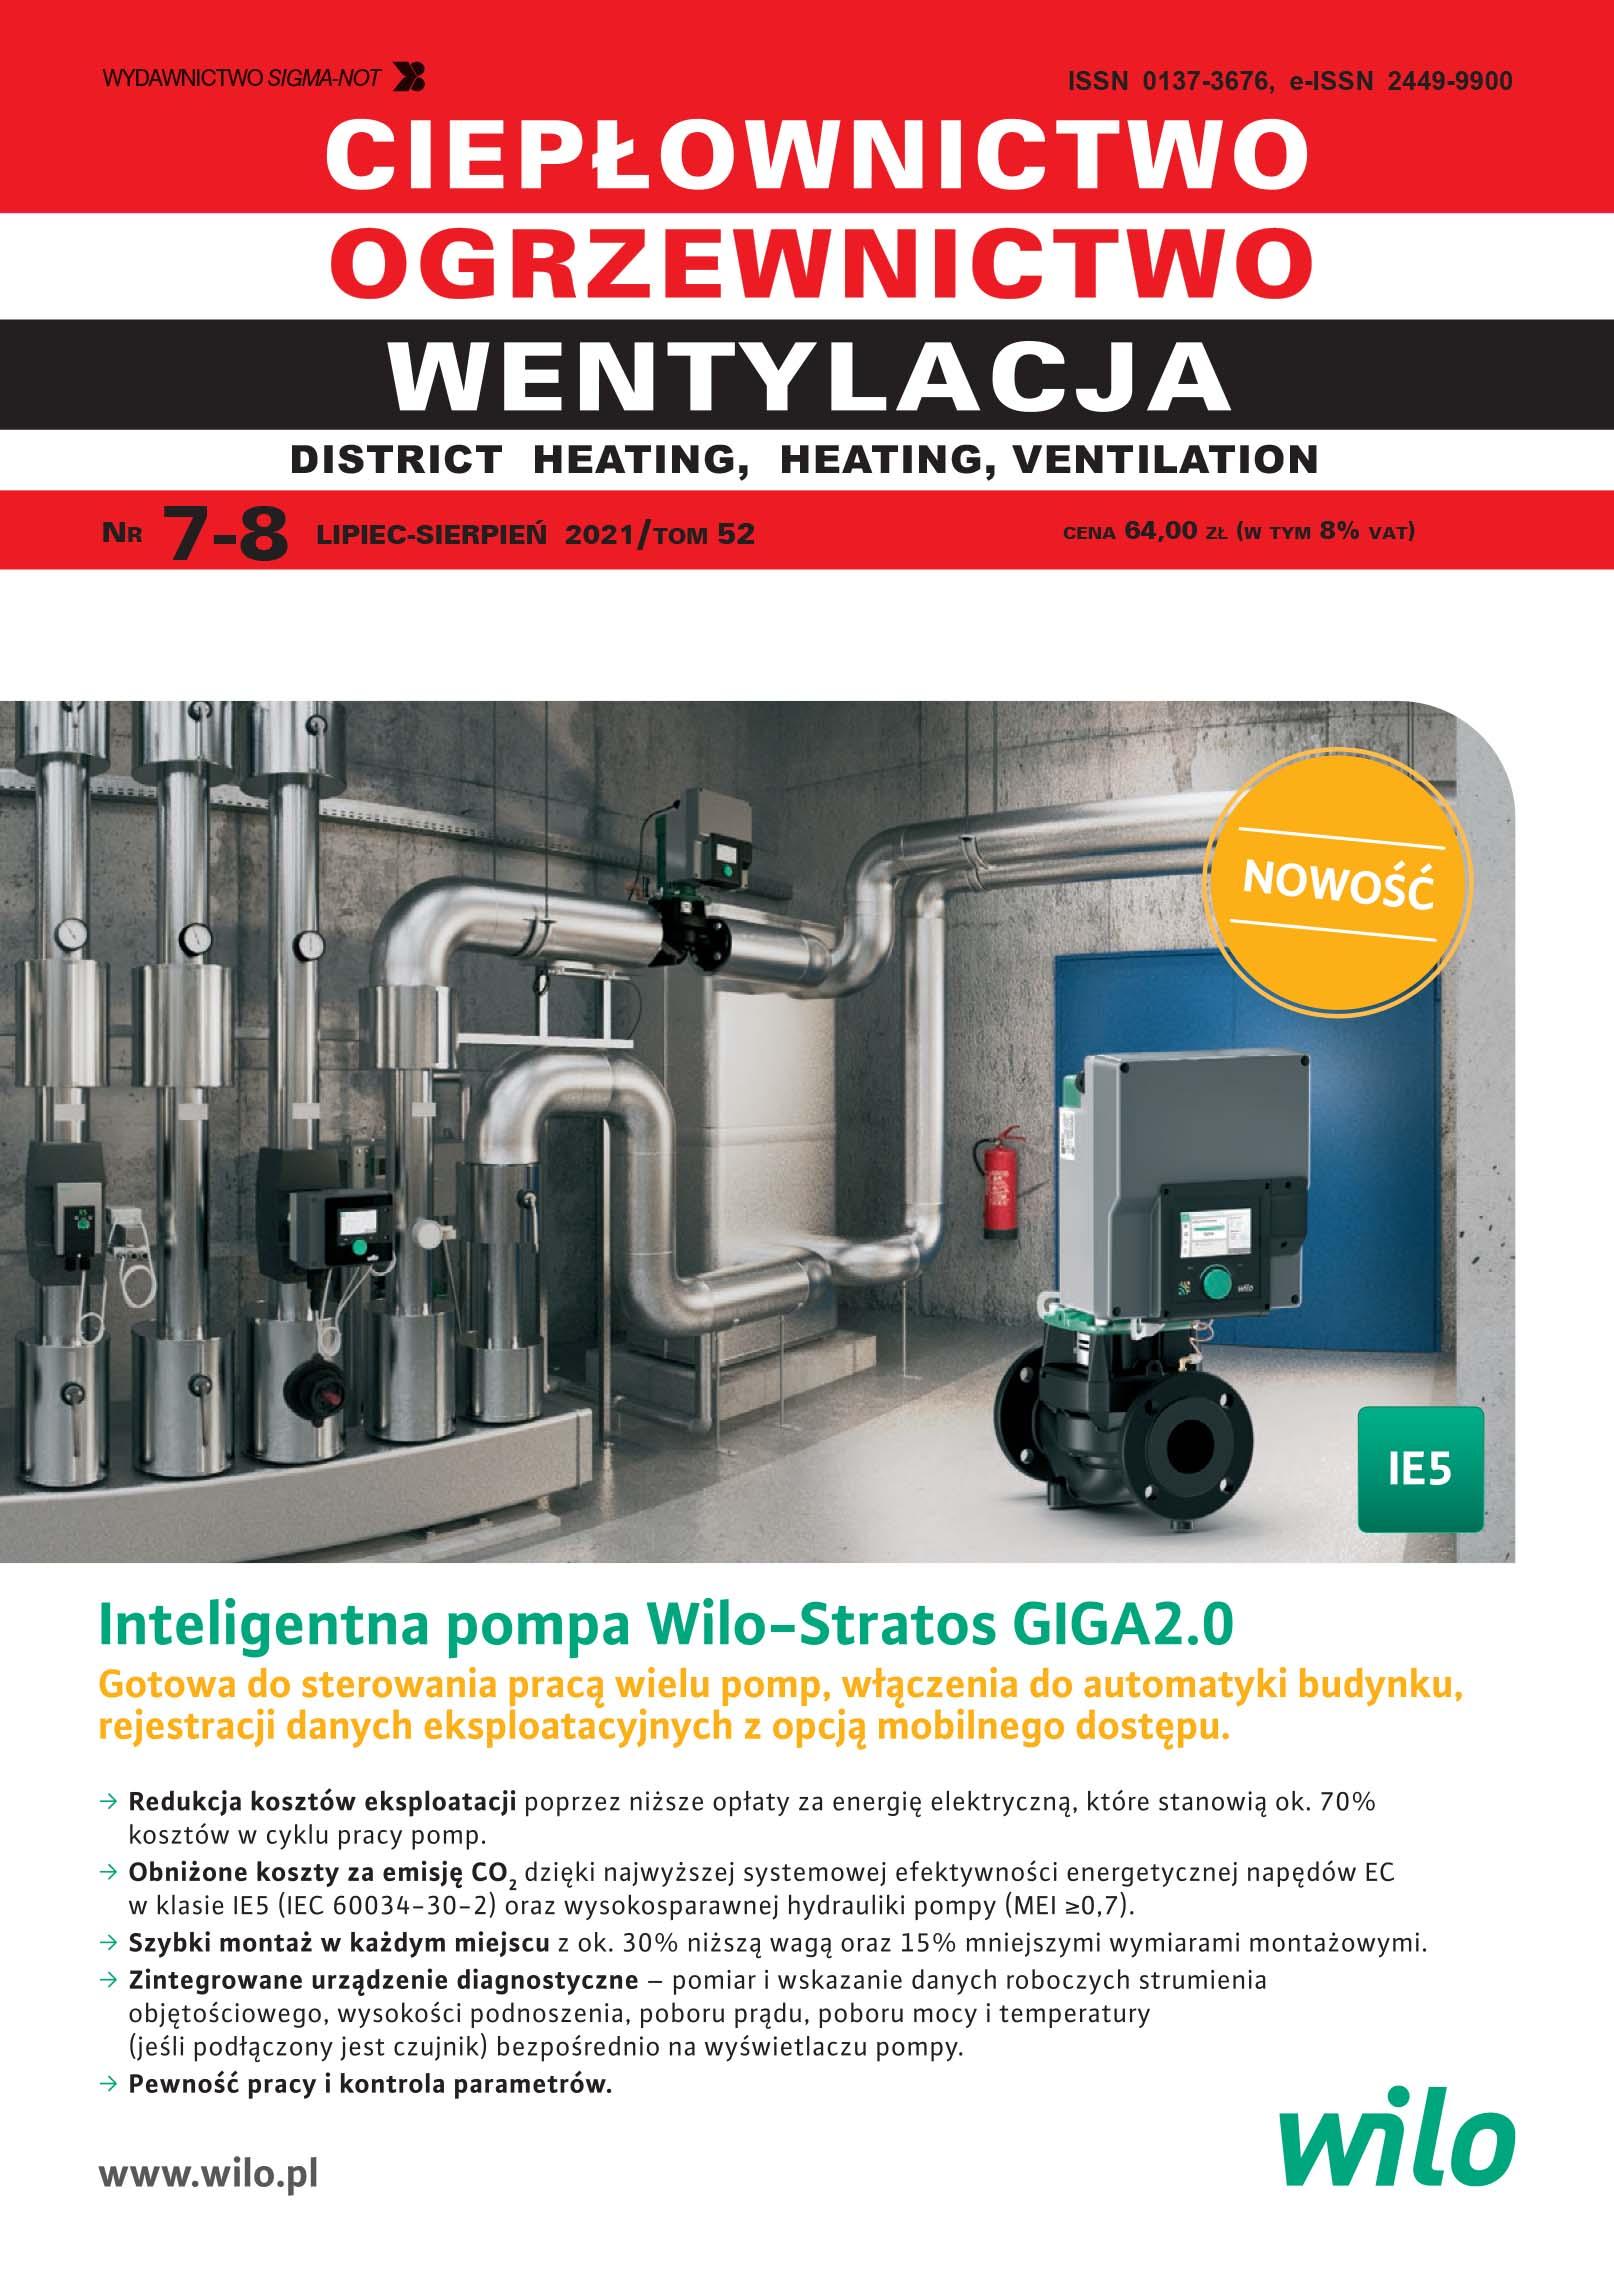 Ciepłownictwo, Ogrzewnictwo, Wentylacja 7-8/2021